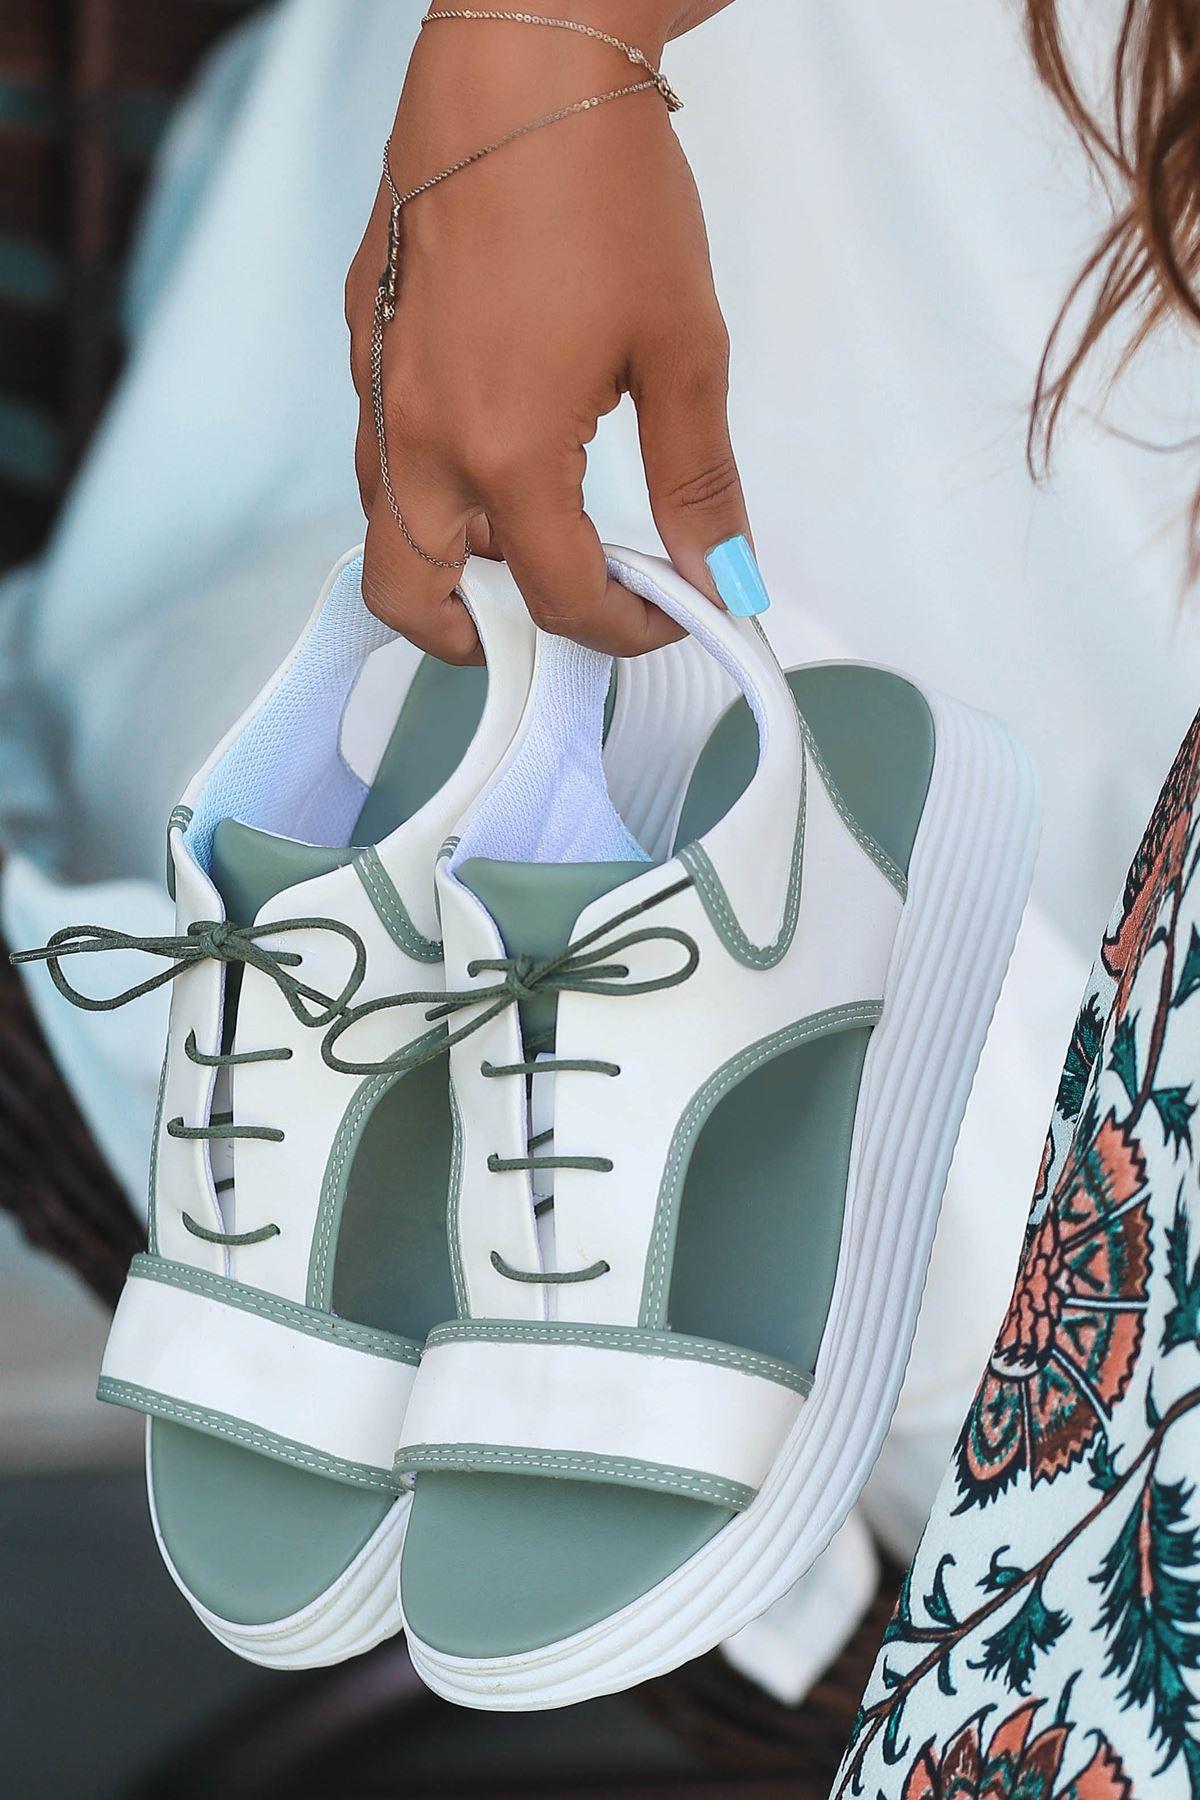 Lace Mat Deri Bağcık Detay Sandalet Mint Yeşili